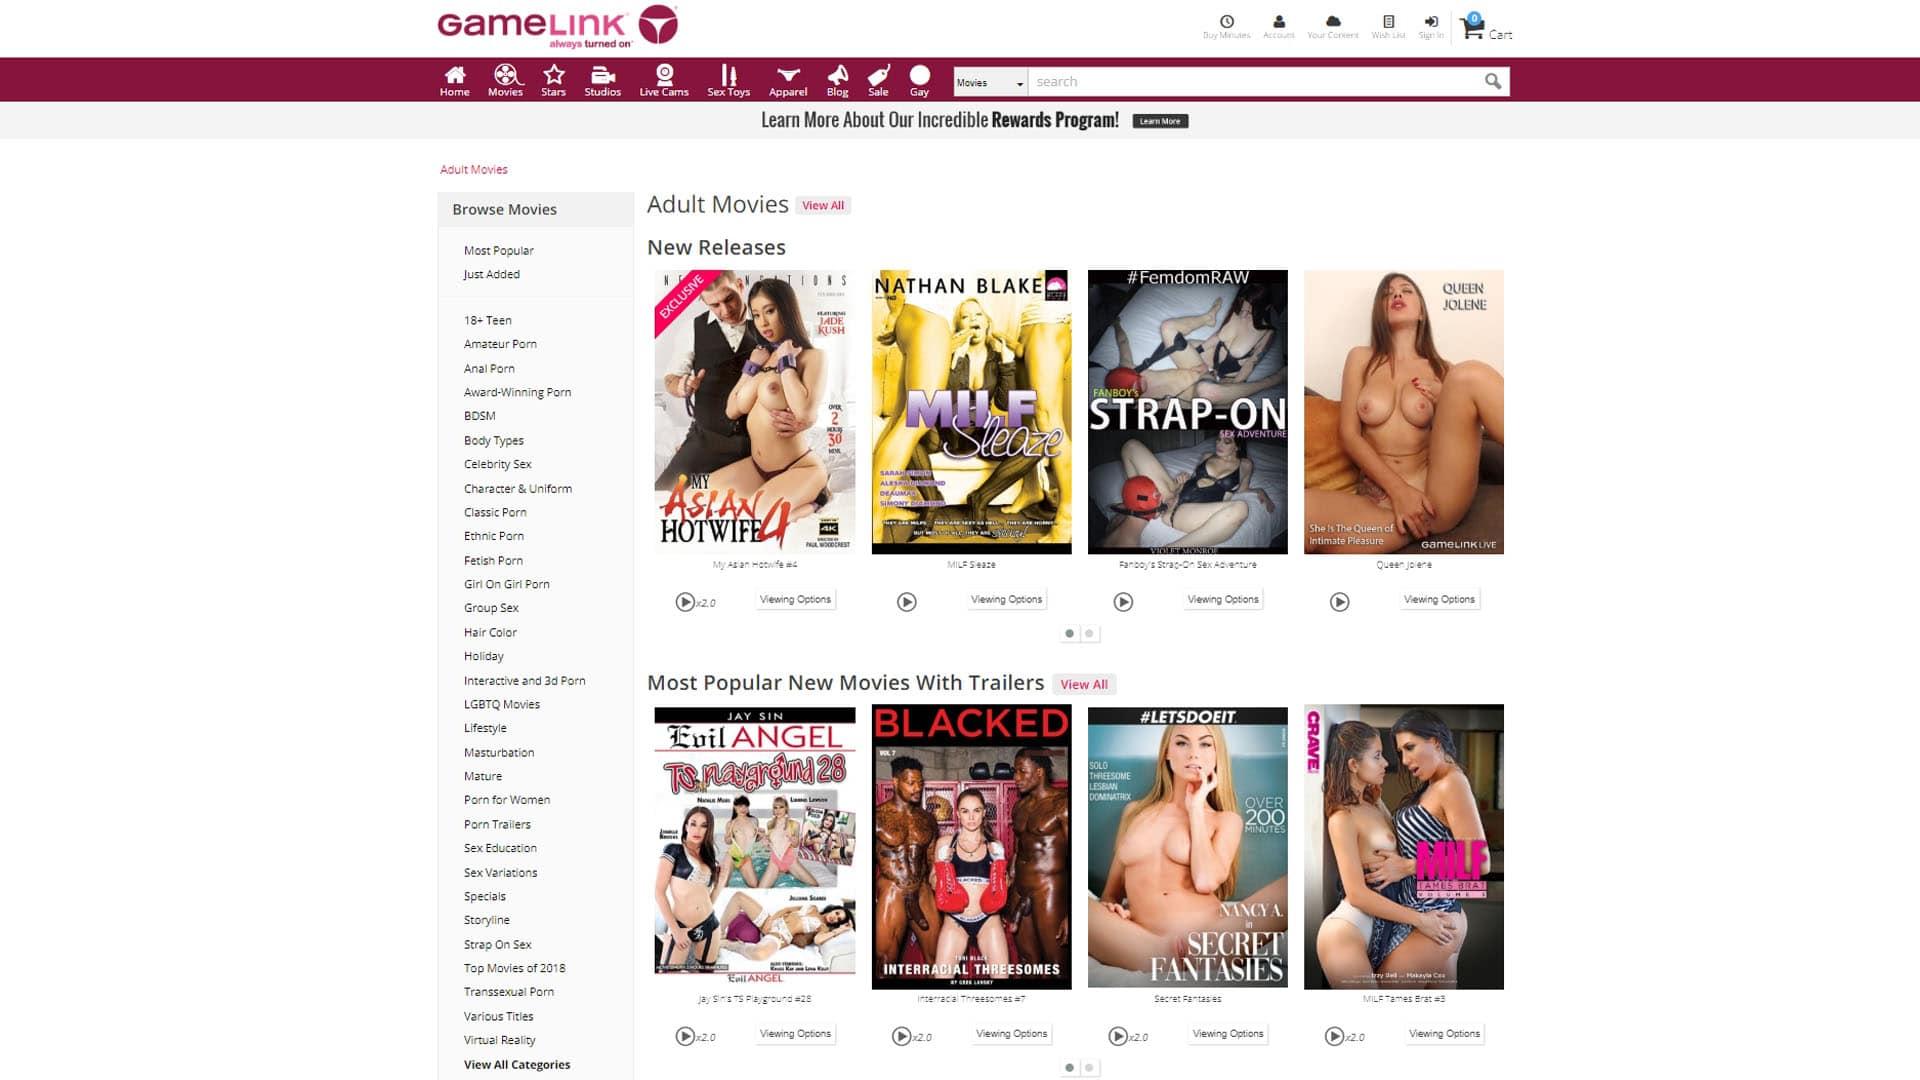 GameLink Movies